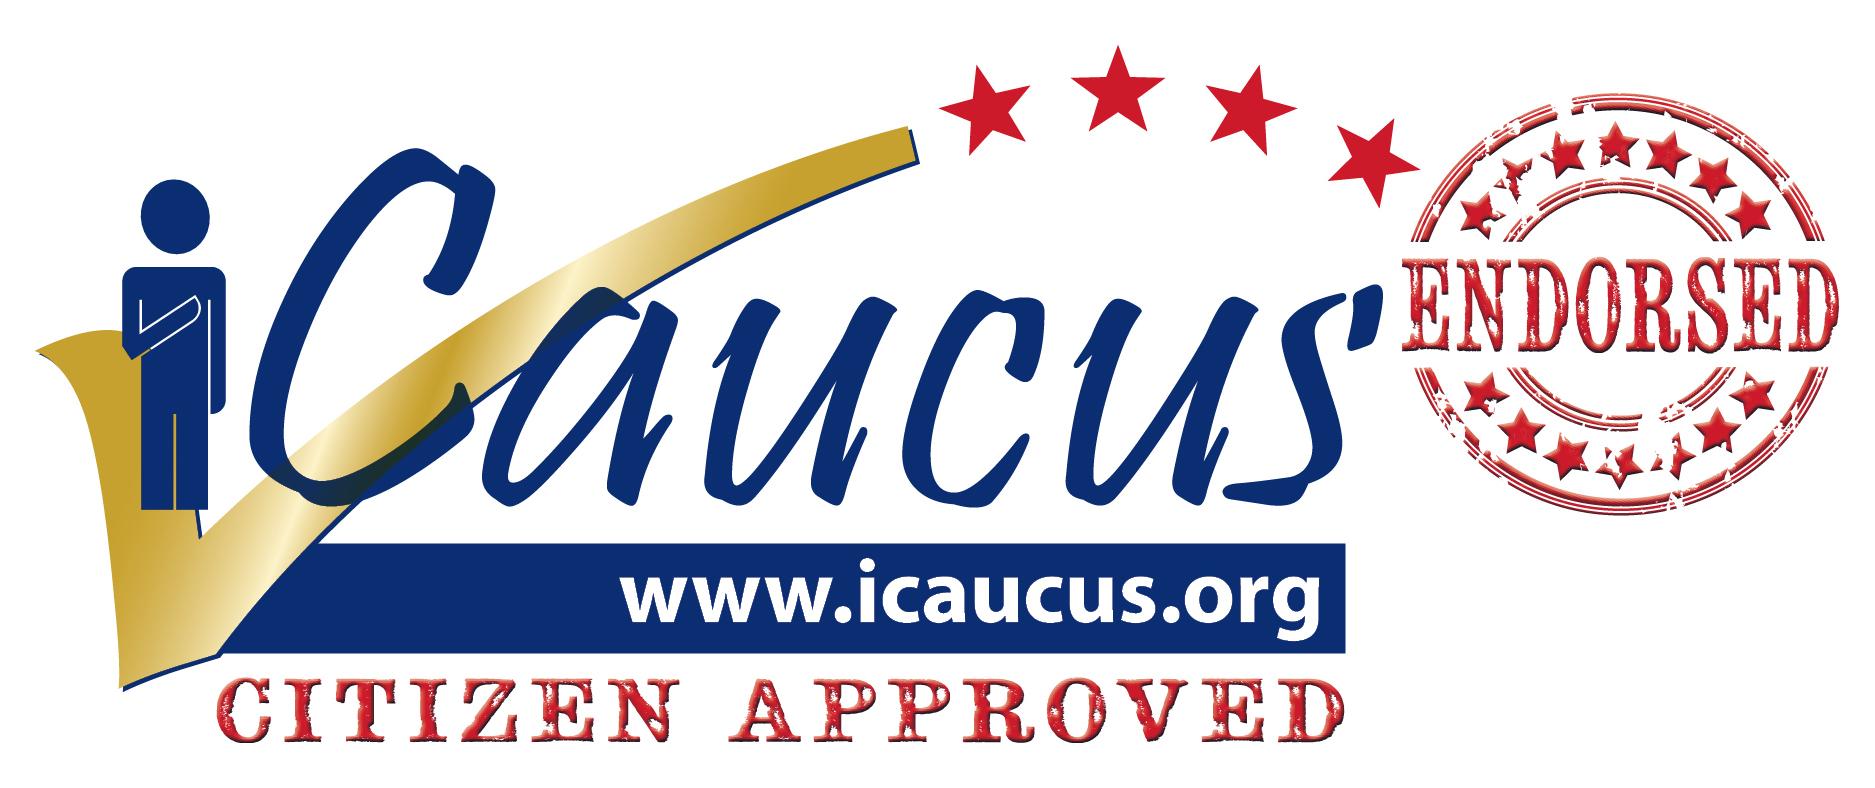 iCaucuseNDORSED_logo.jpg